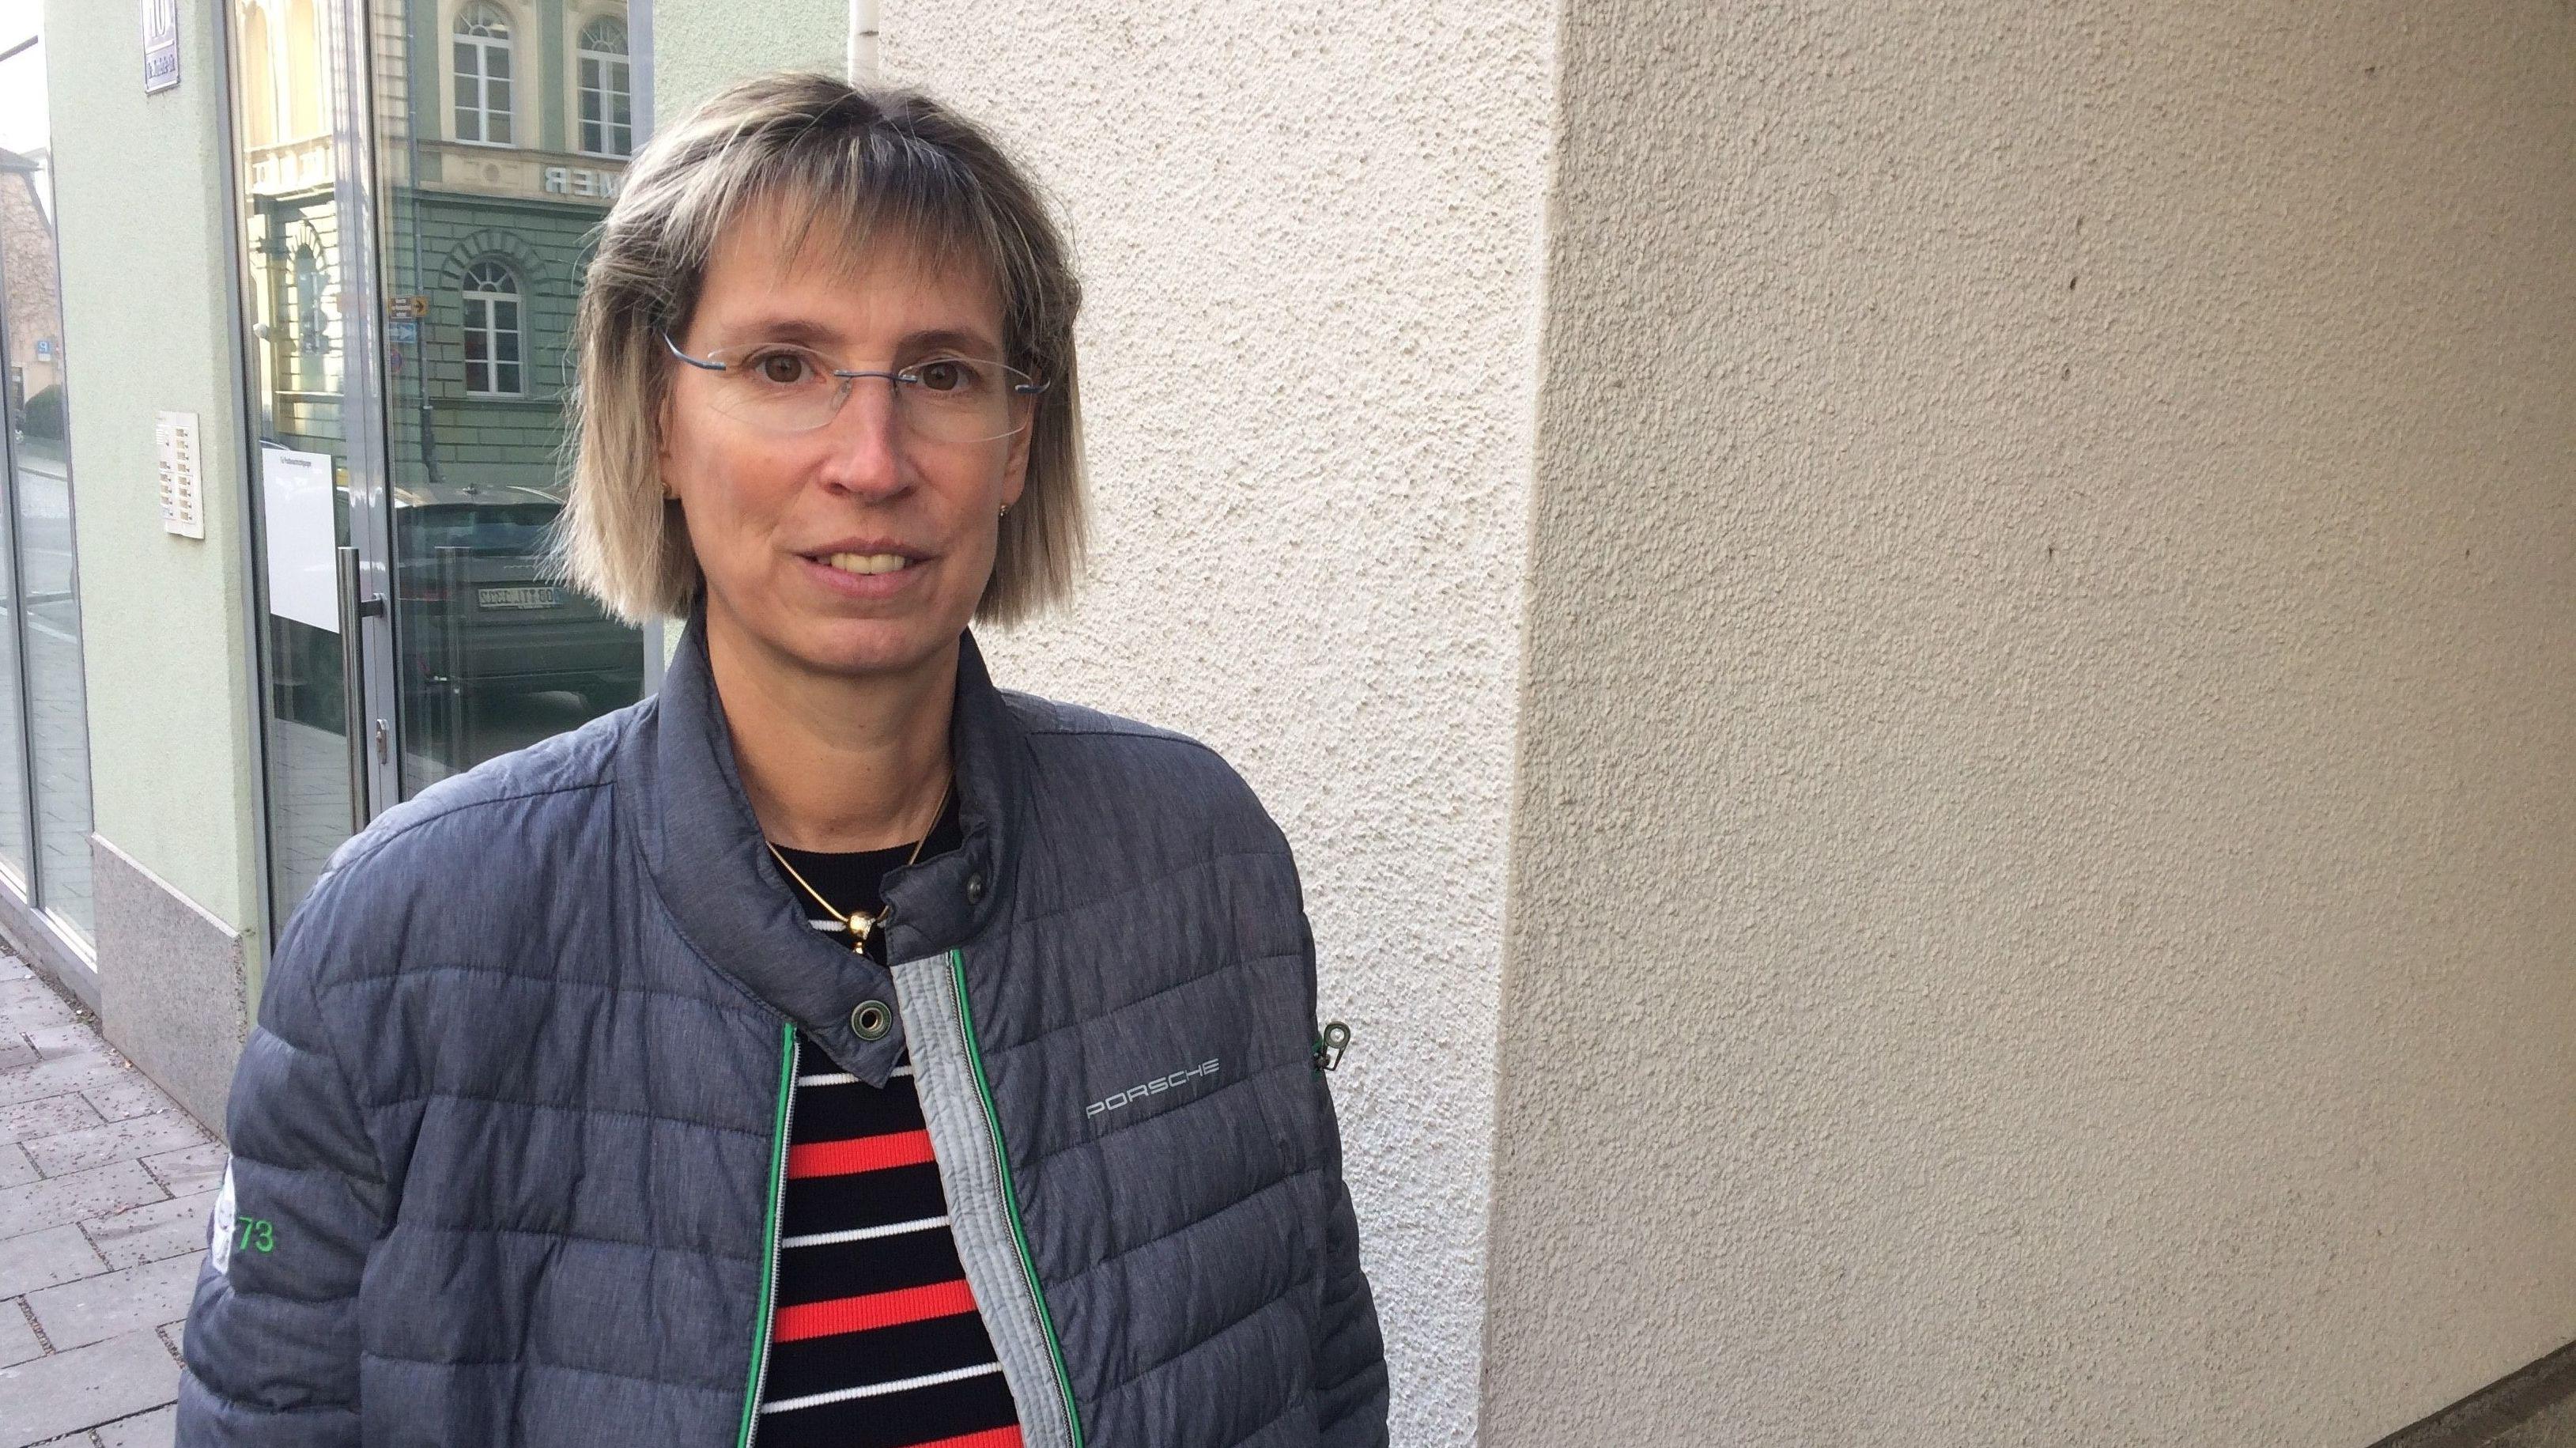 Hausärztin Petra Lütz aus Rohr in Niederbayern